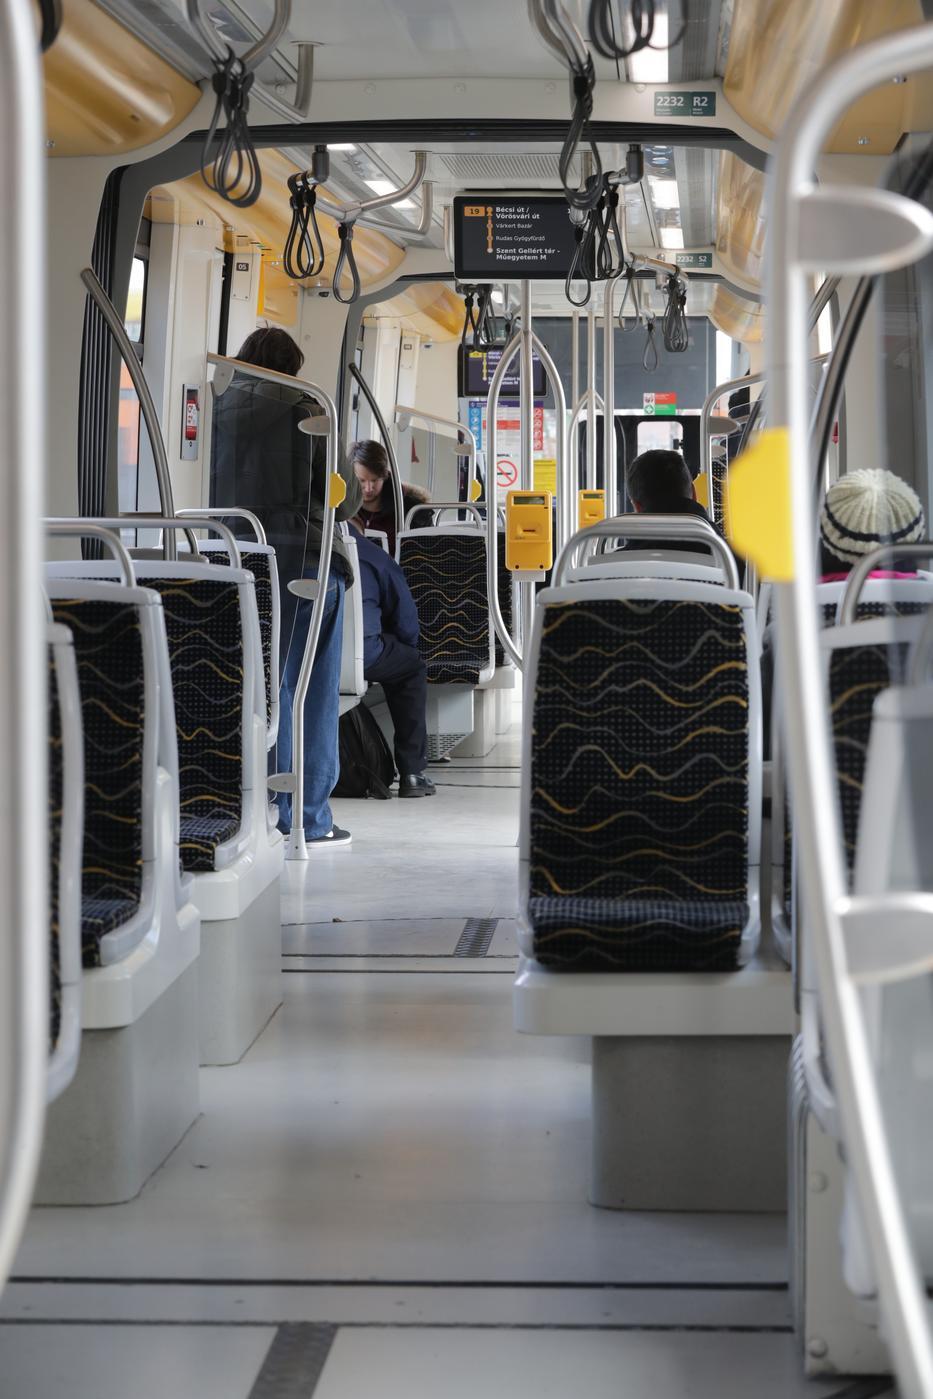 A csúcsidőben megszokott zsúfolt buszok és villamosok ideje is lejár, kevesebb utas és több jármű lesz /Fotó: Grnák László